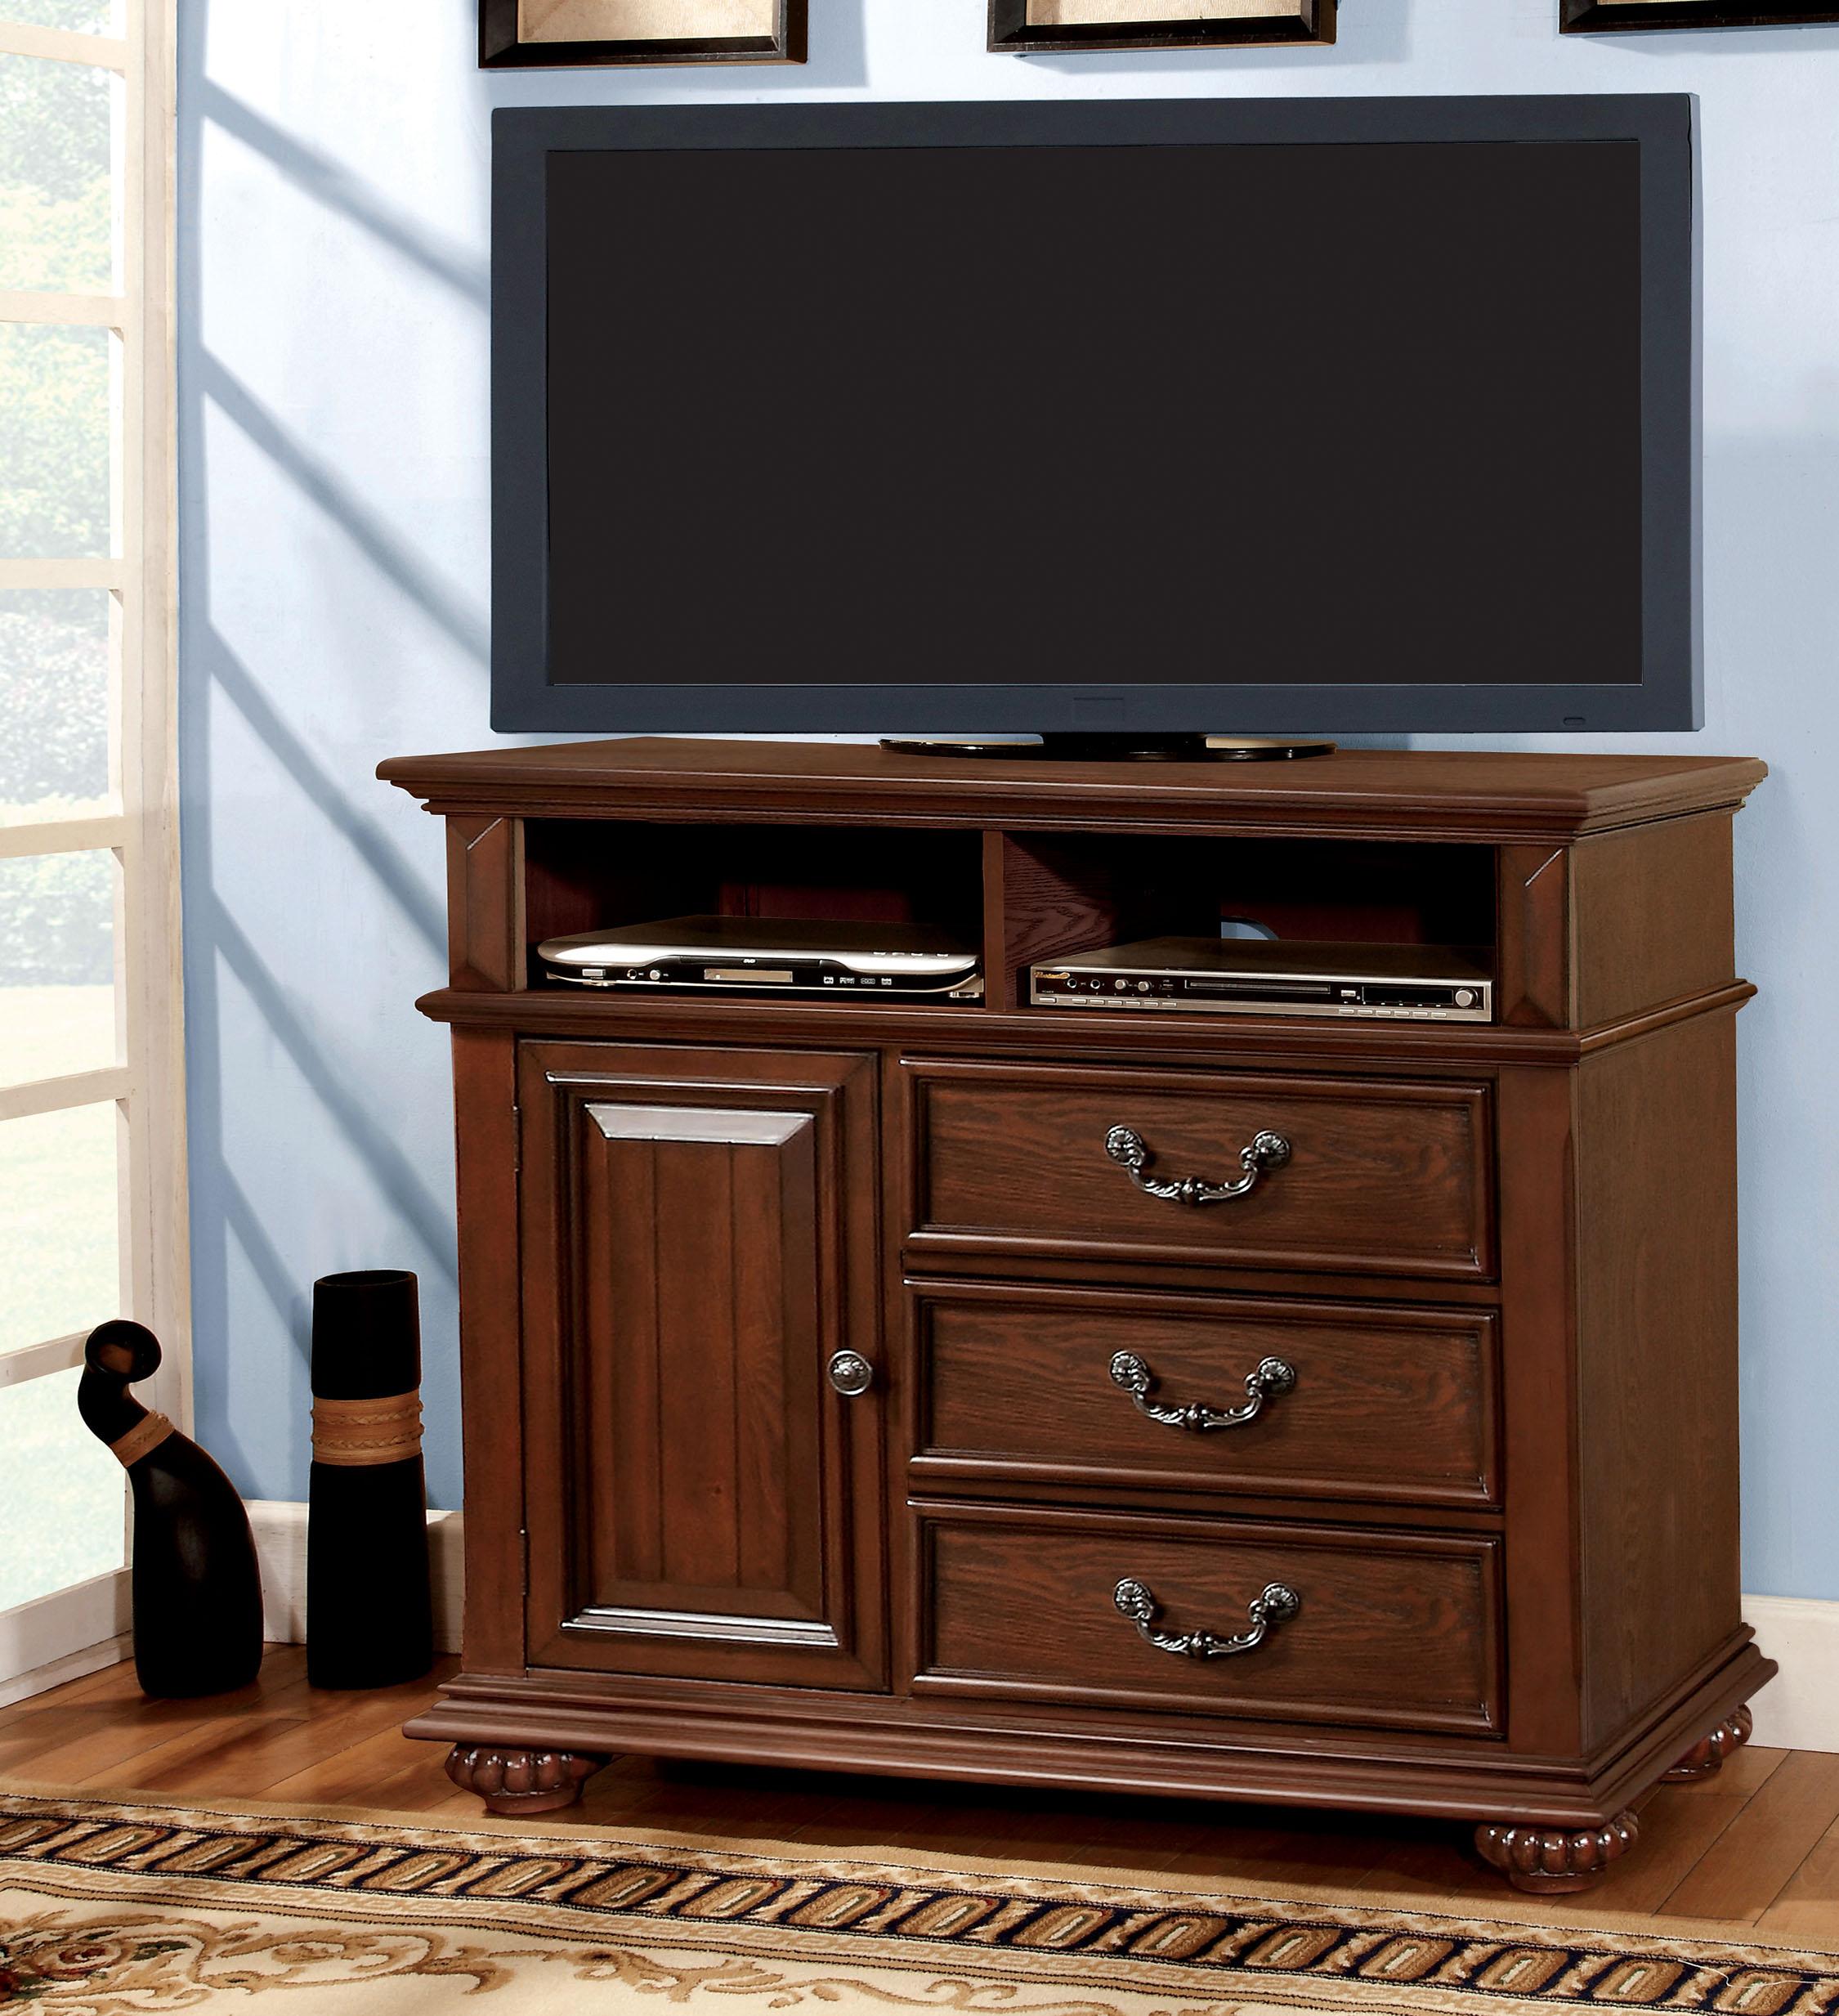 Furniture of America Antique Dark Oak Prompe Media Chest